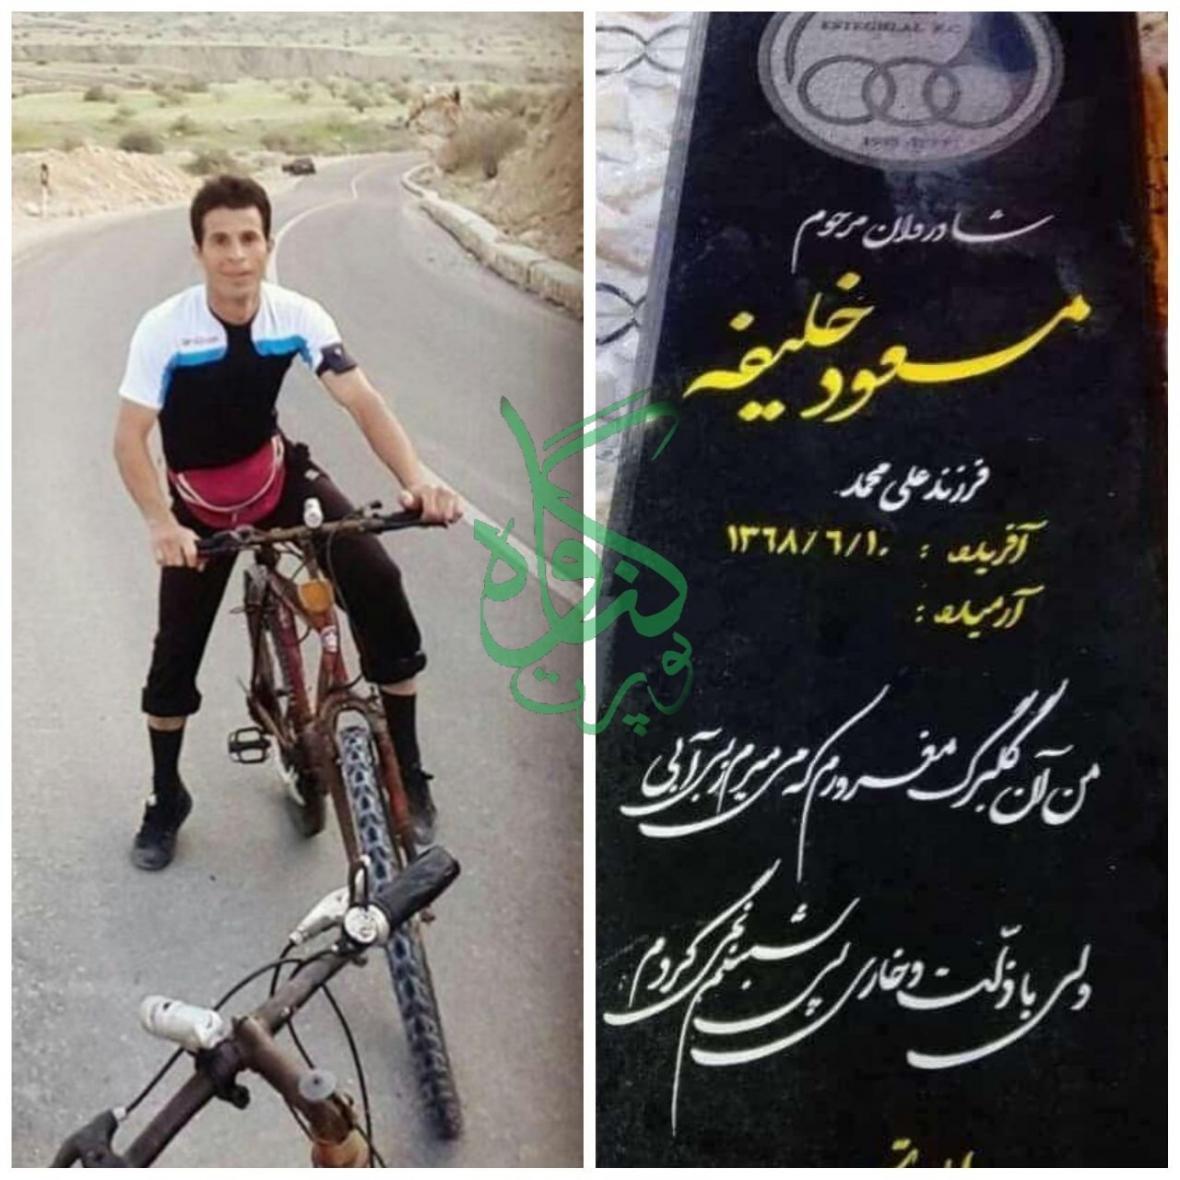 جوان هوادار استقلال در روستای طلحه دشتستان خودکشی کرد